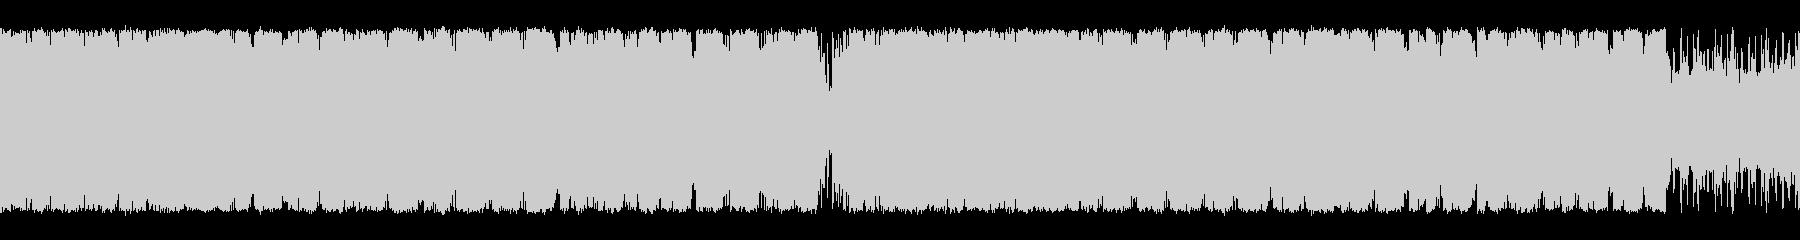 オーケストラとクワイア編成のループ仕様曲の未再生の波形